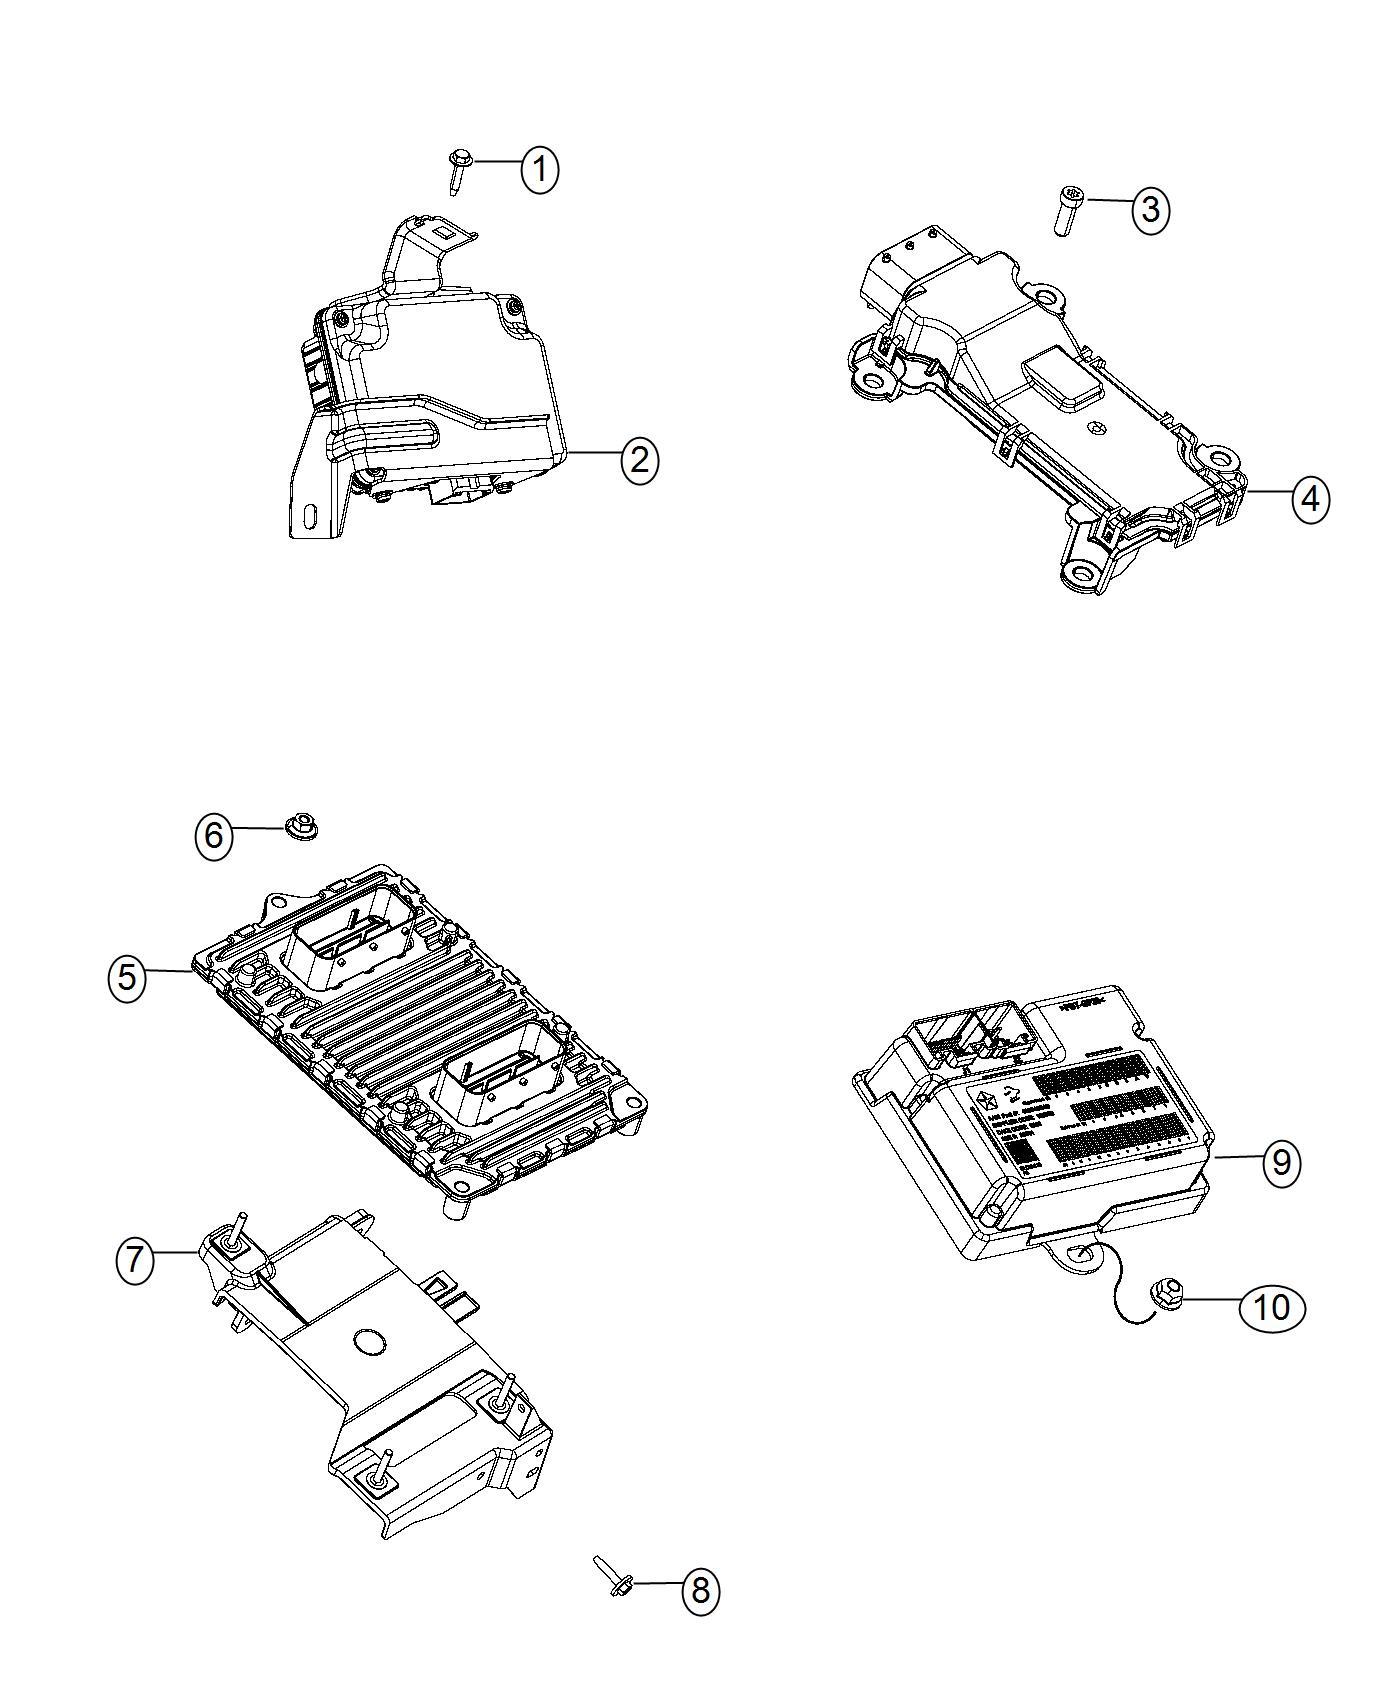 2017 Jeep Cherokee Module. Transfer case control. [dk2